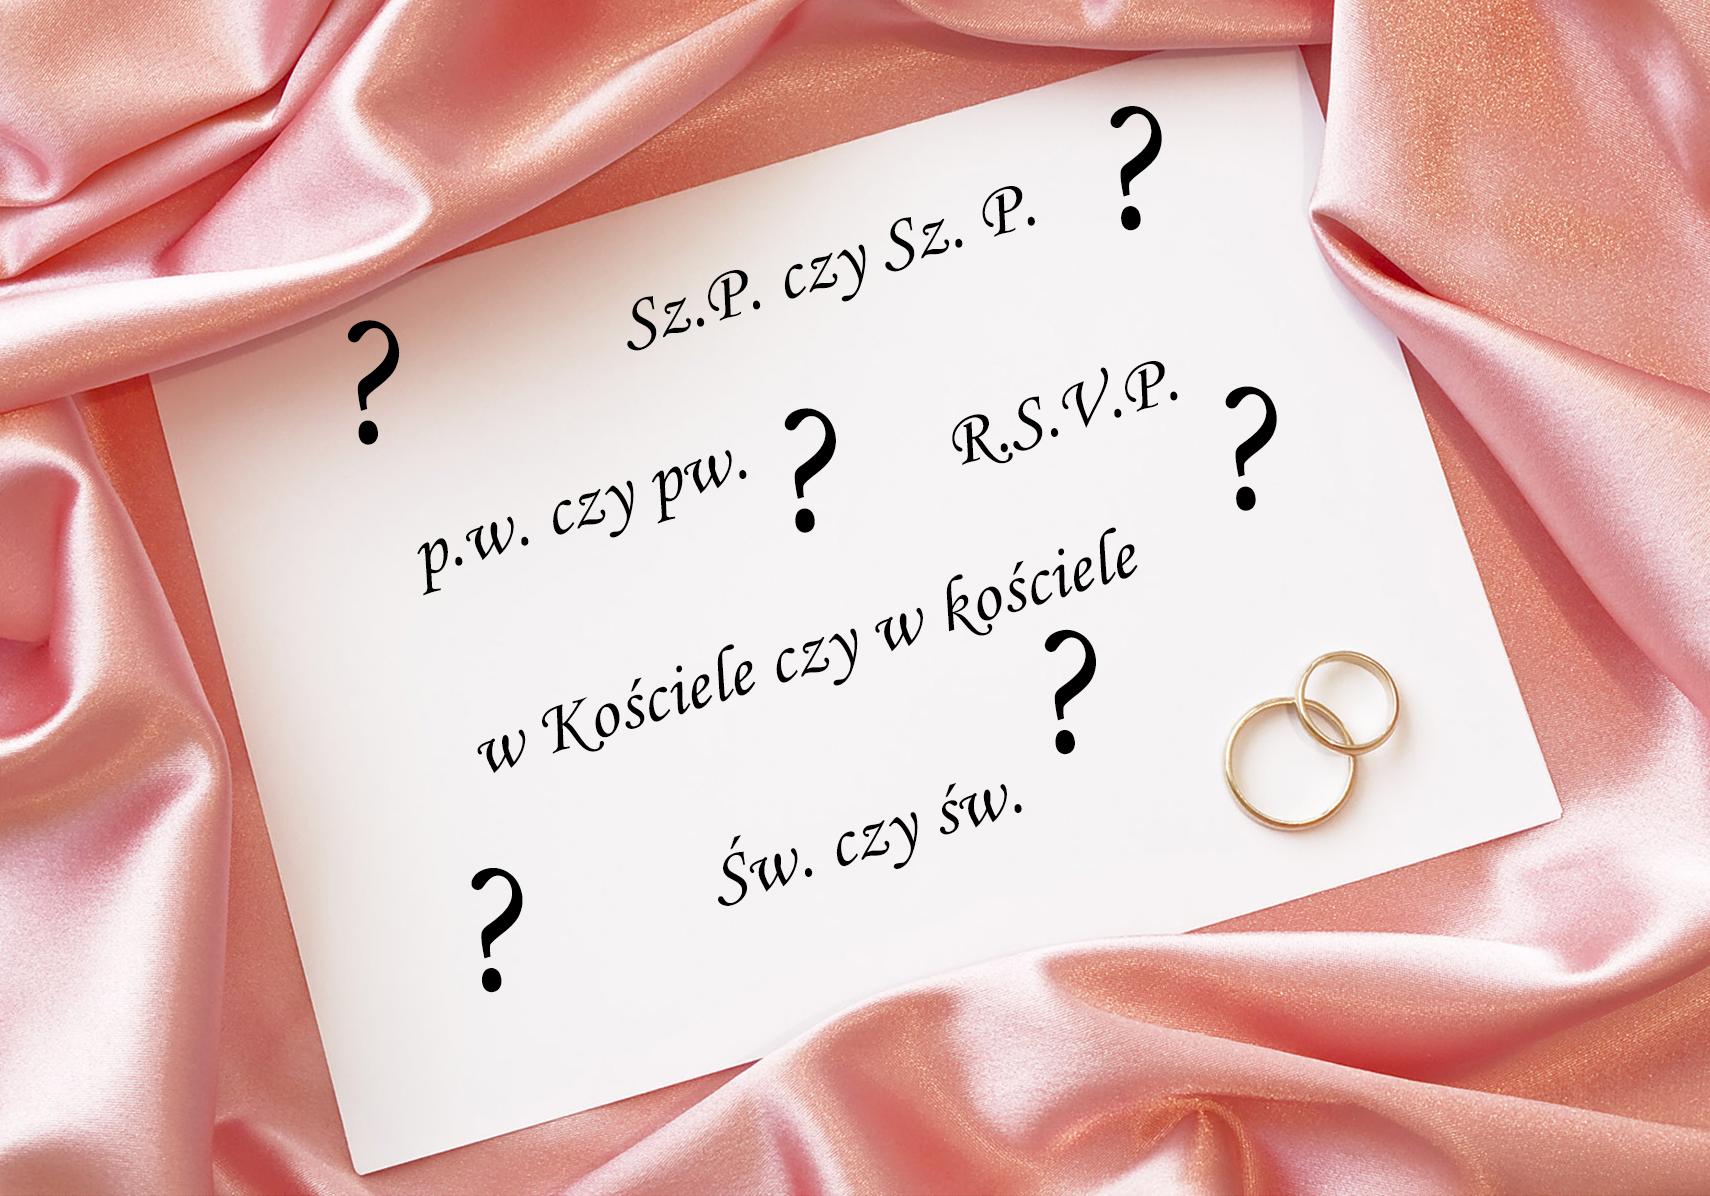 Zasady pisowni w zaproszeniach ślubnych